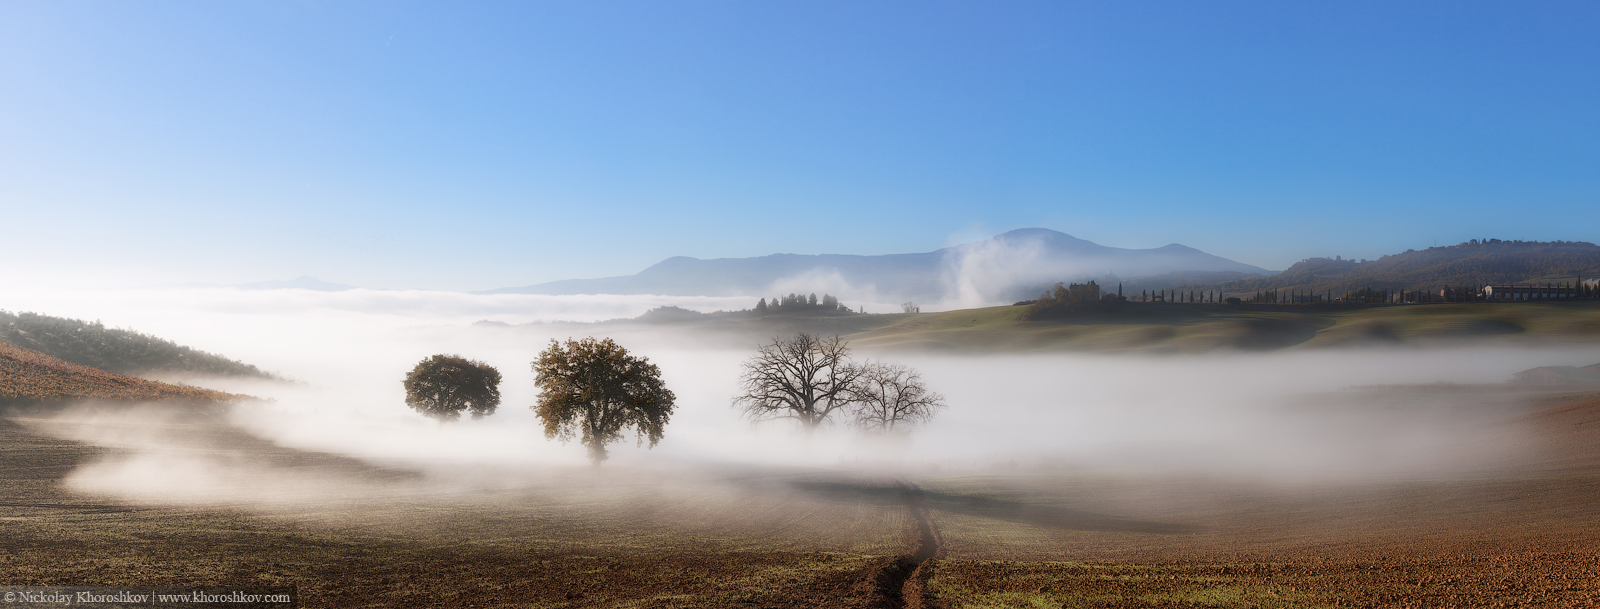 Panorama of Tuscanian farmland landscape